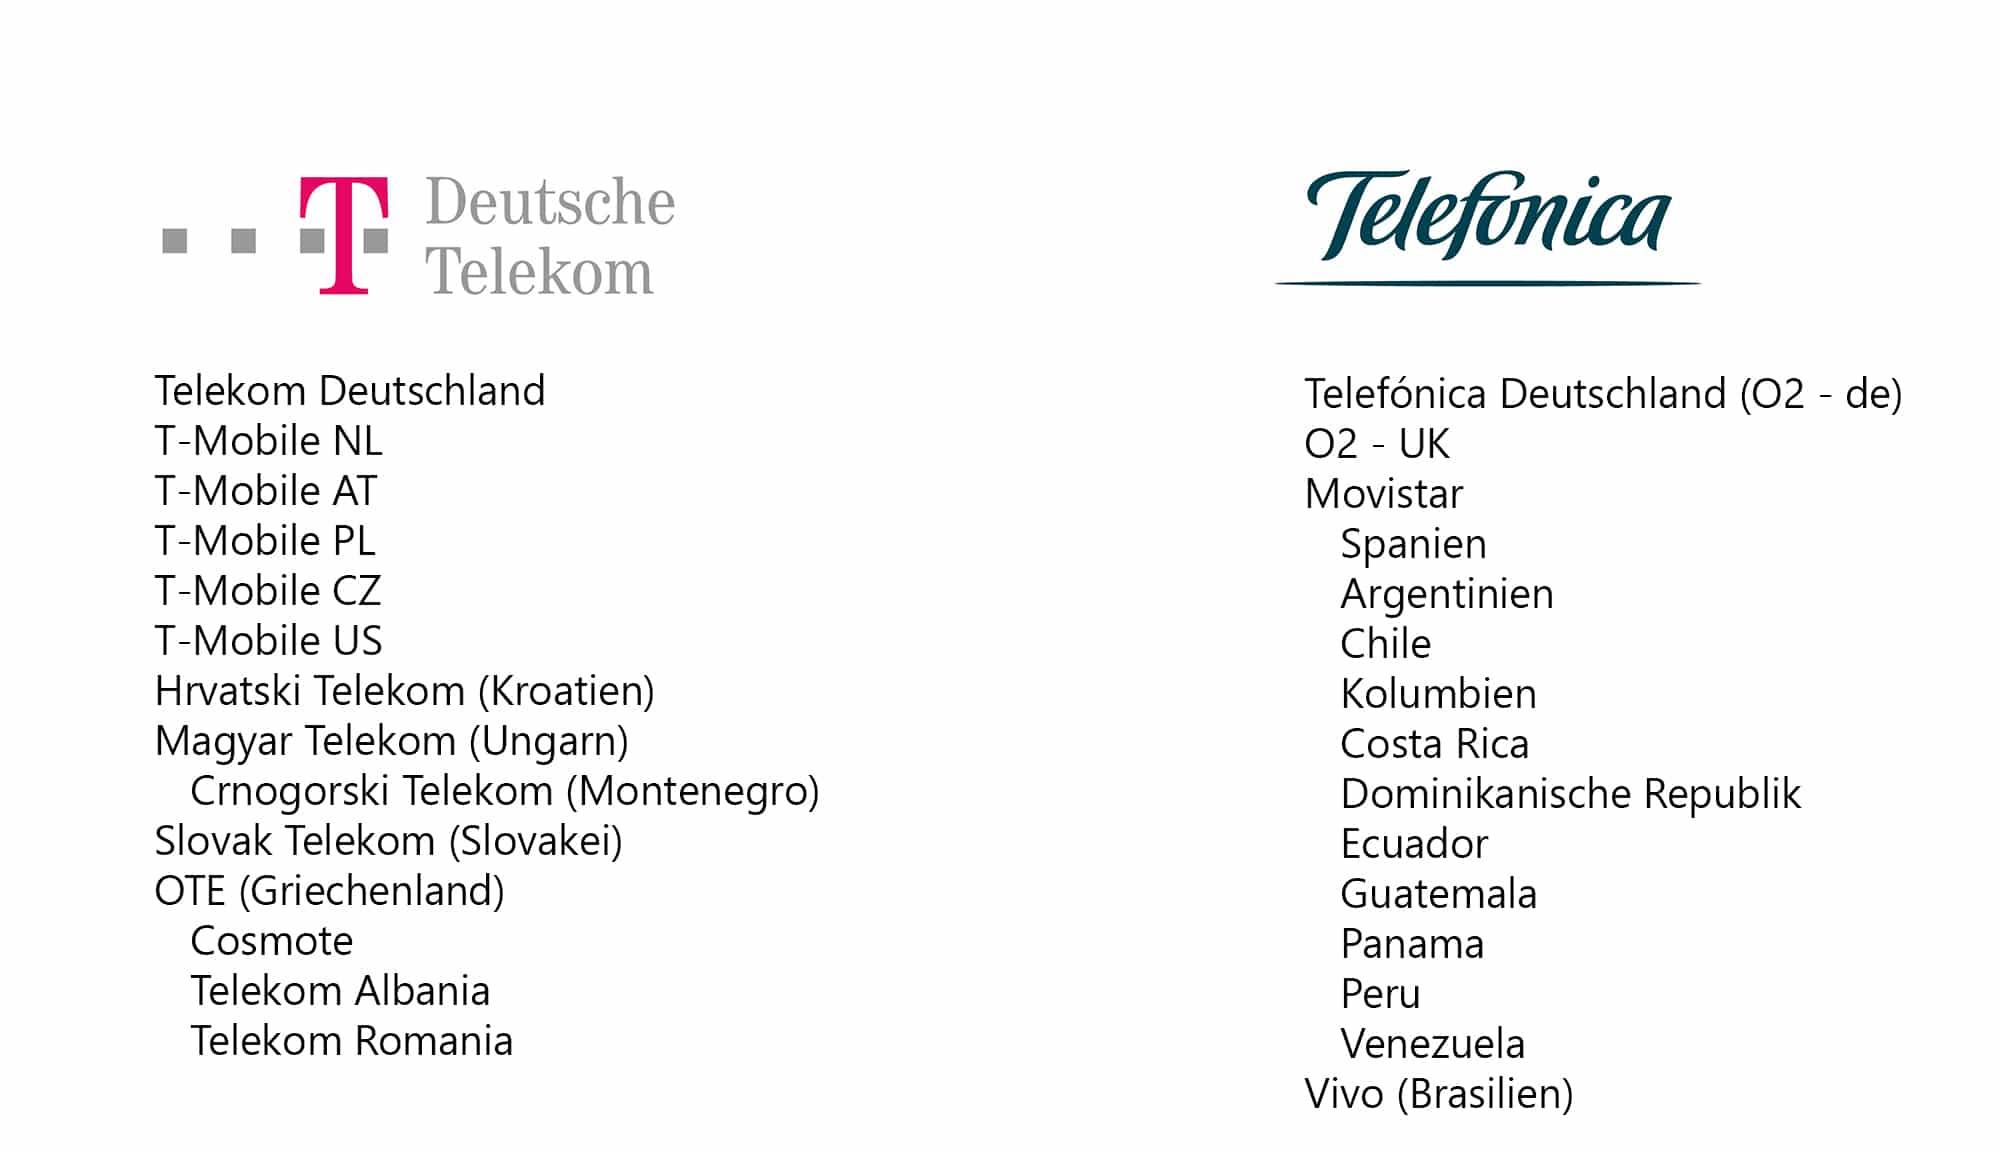 Deutsche Telekom Ag Könnte Mit Spanischer Telefónica Sa Fusionieren